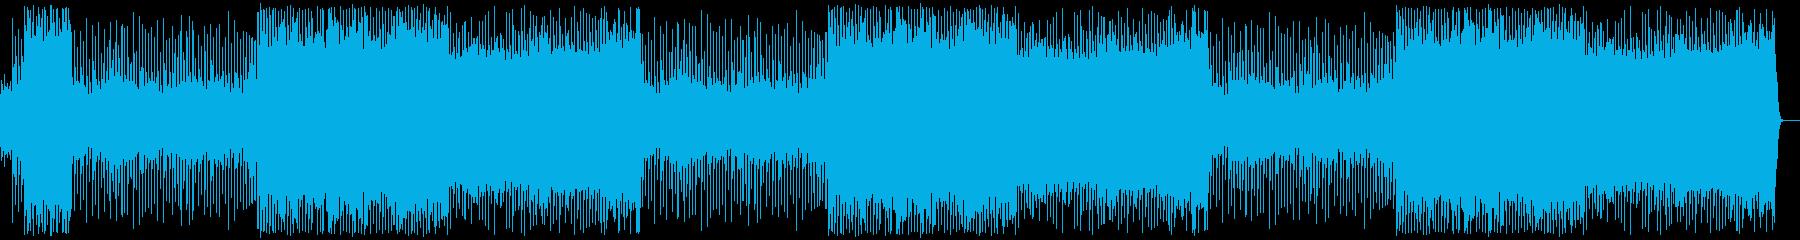 アップテンポの曲の再生済みの波形